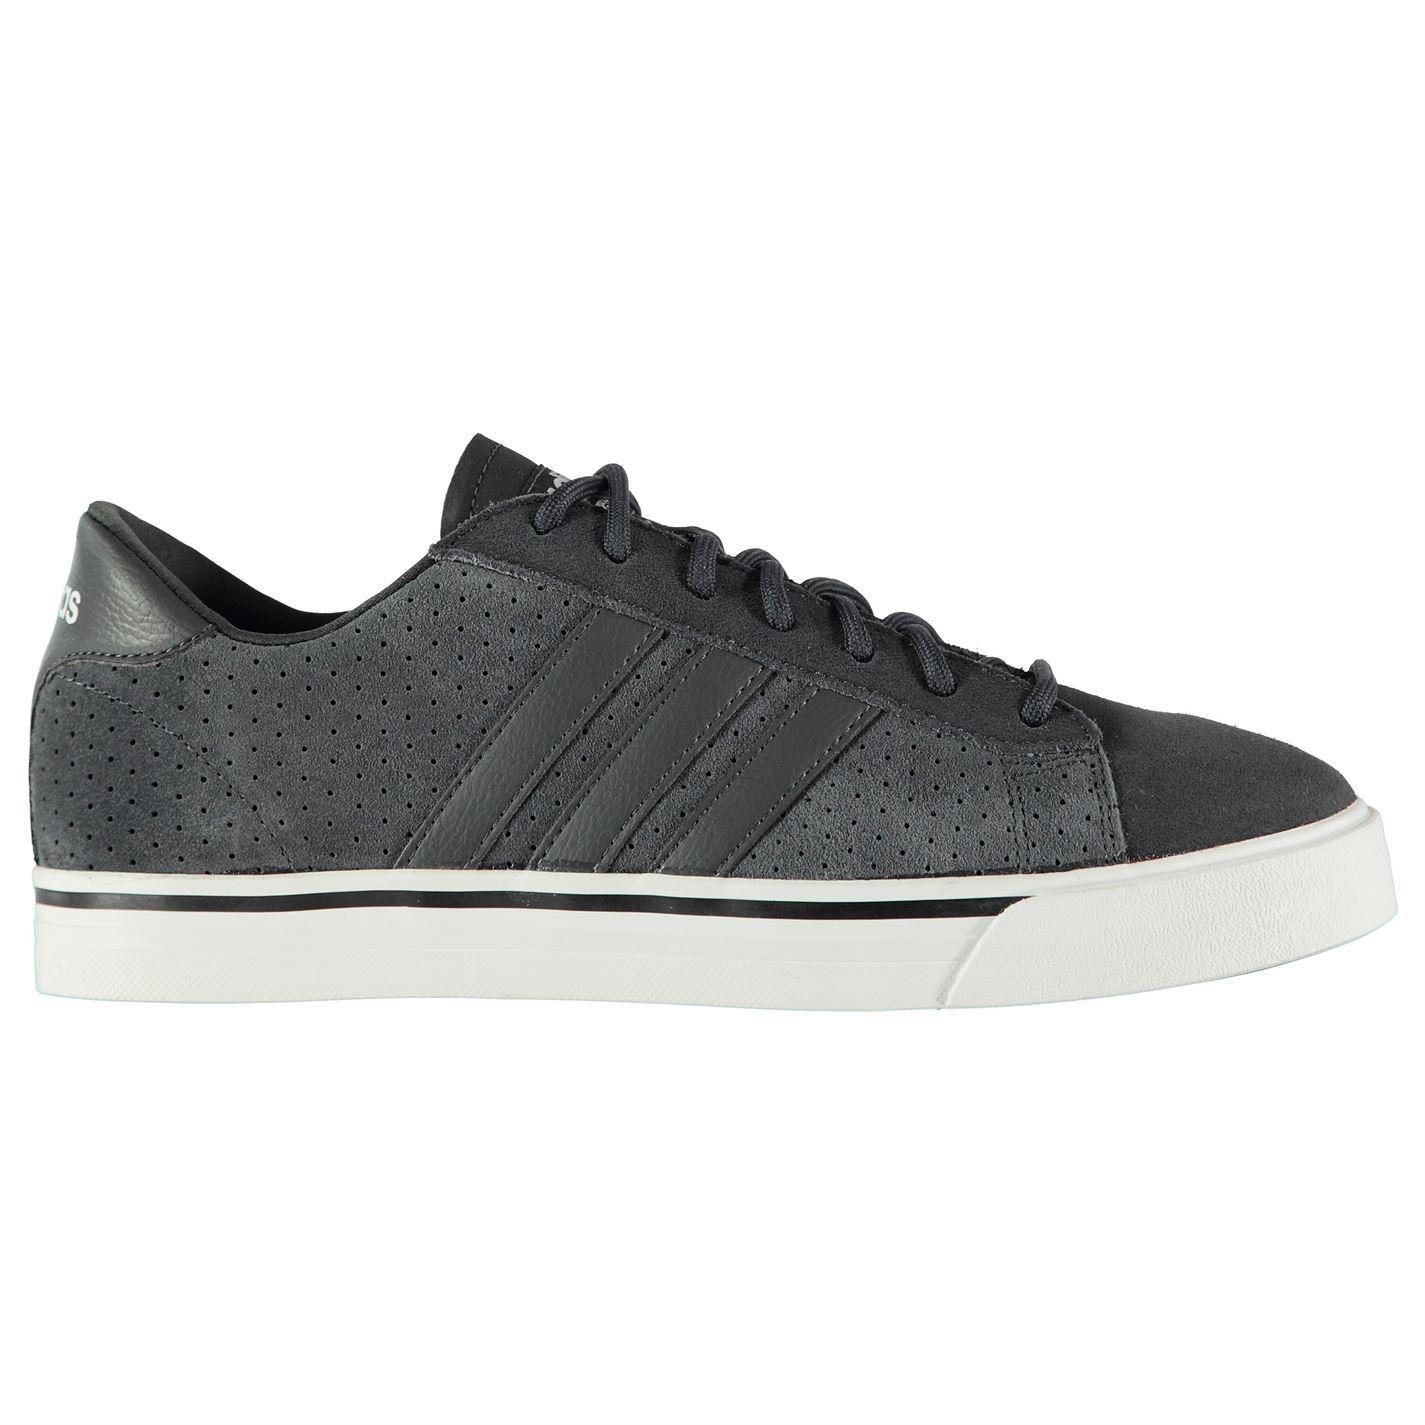 Adidas cloudfoam super daily scarpe Uomo signori scamosciato scarpe lacci.. lacci.. scarpe 07ac09